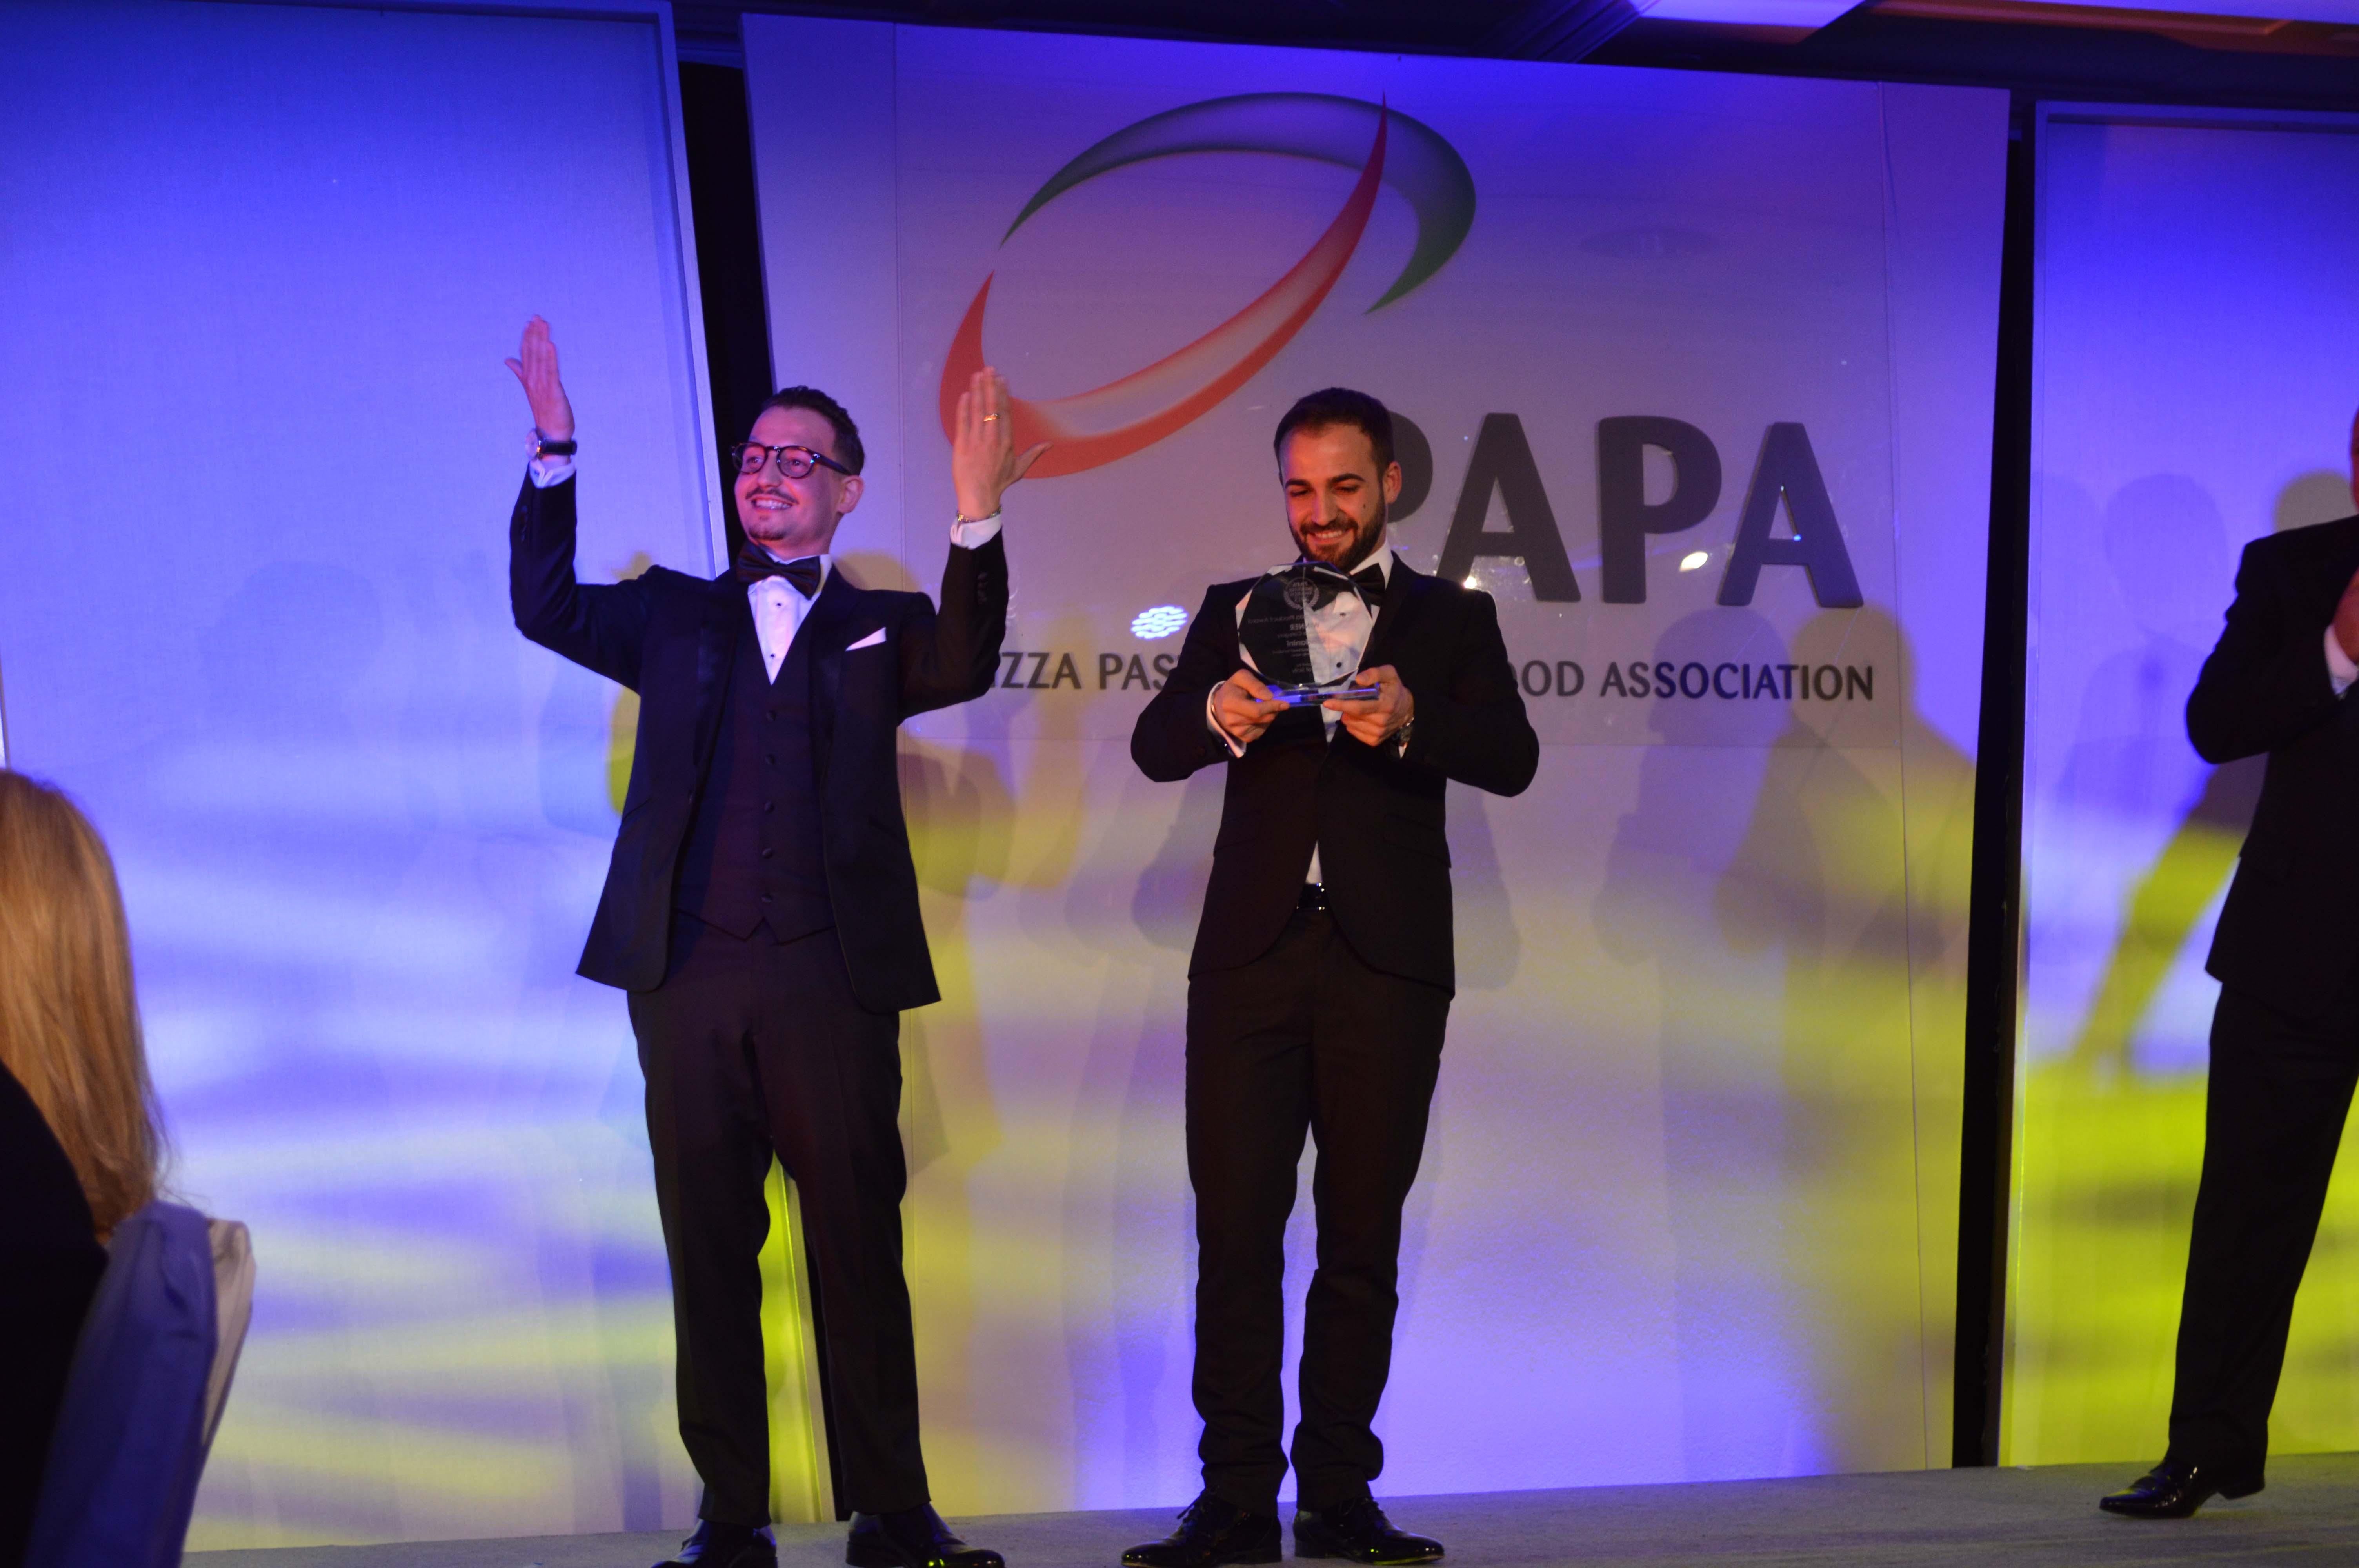 PAPA-AWARDS-4.jpg